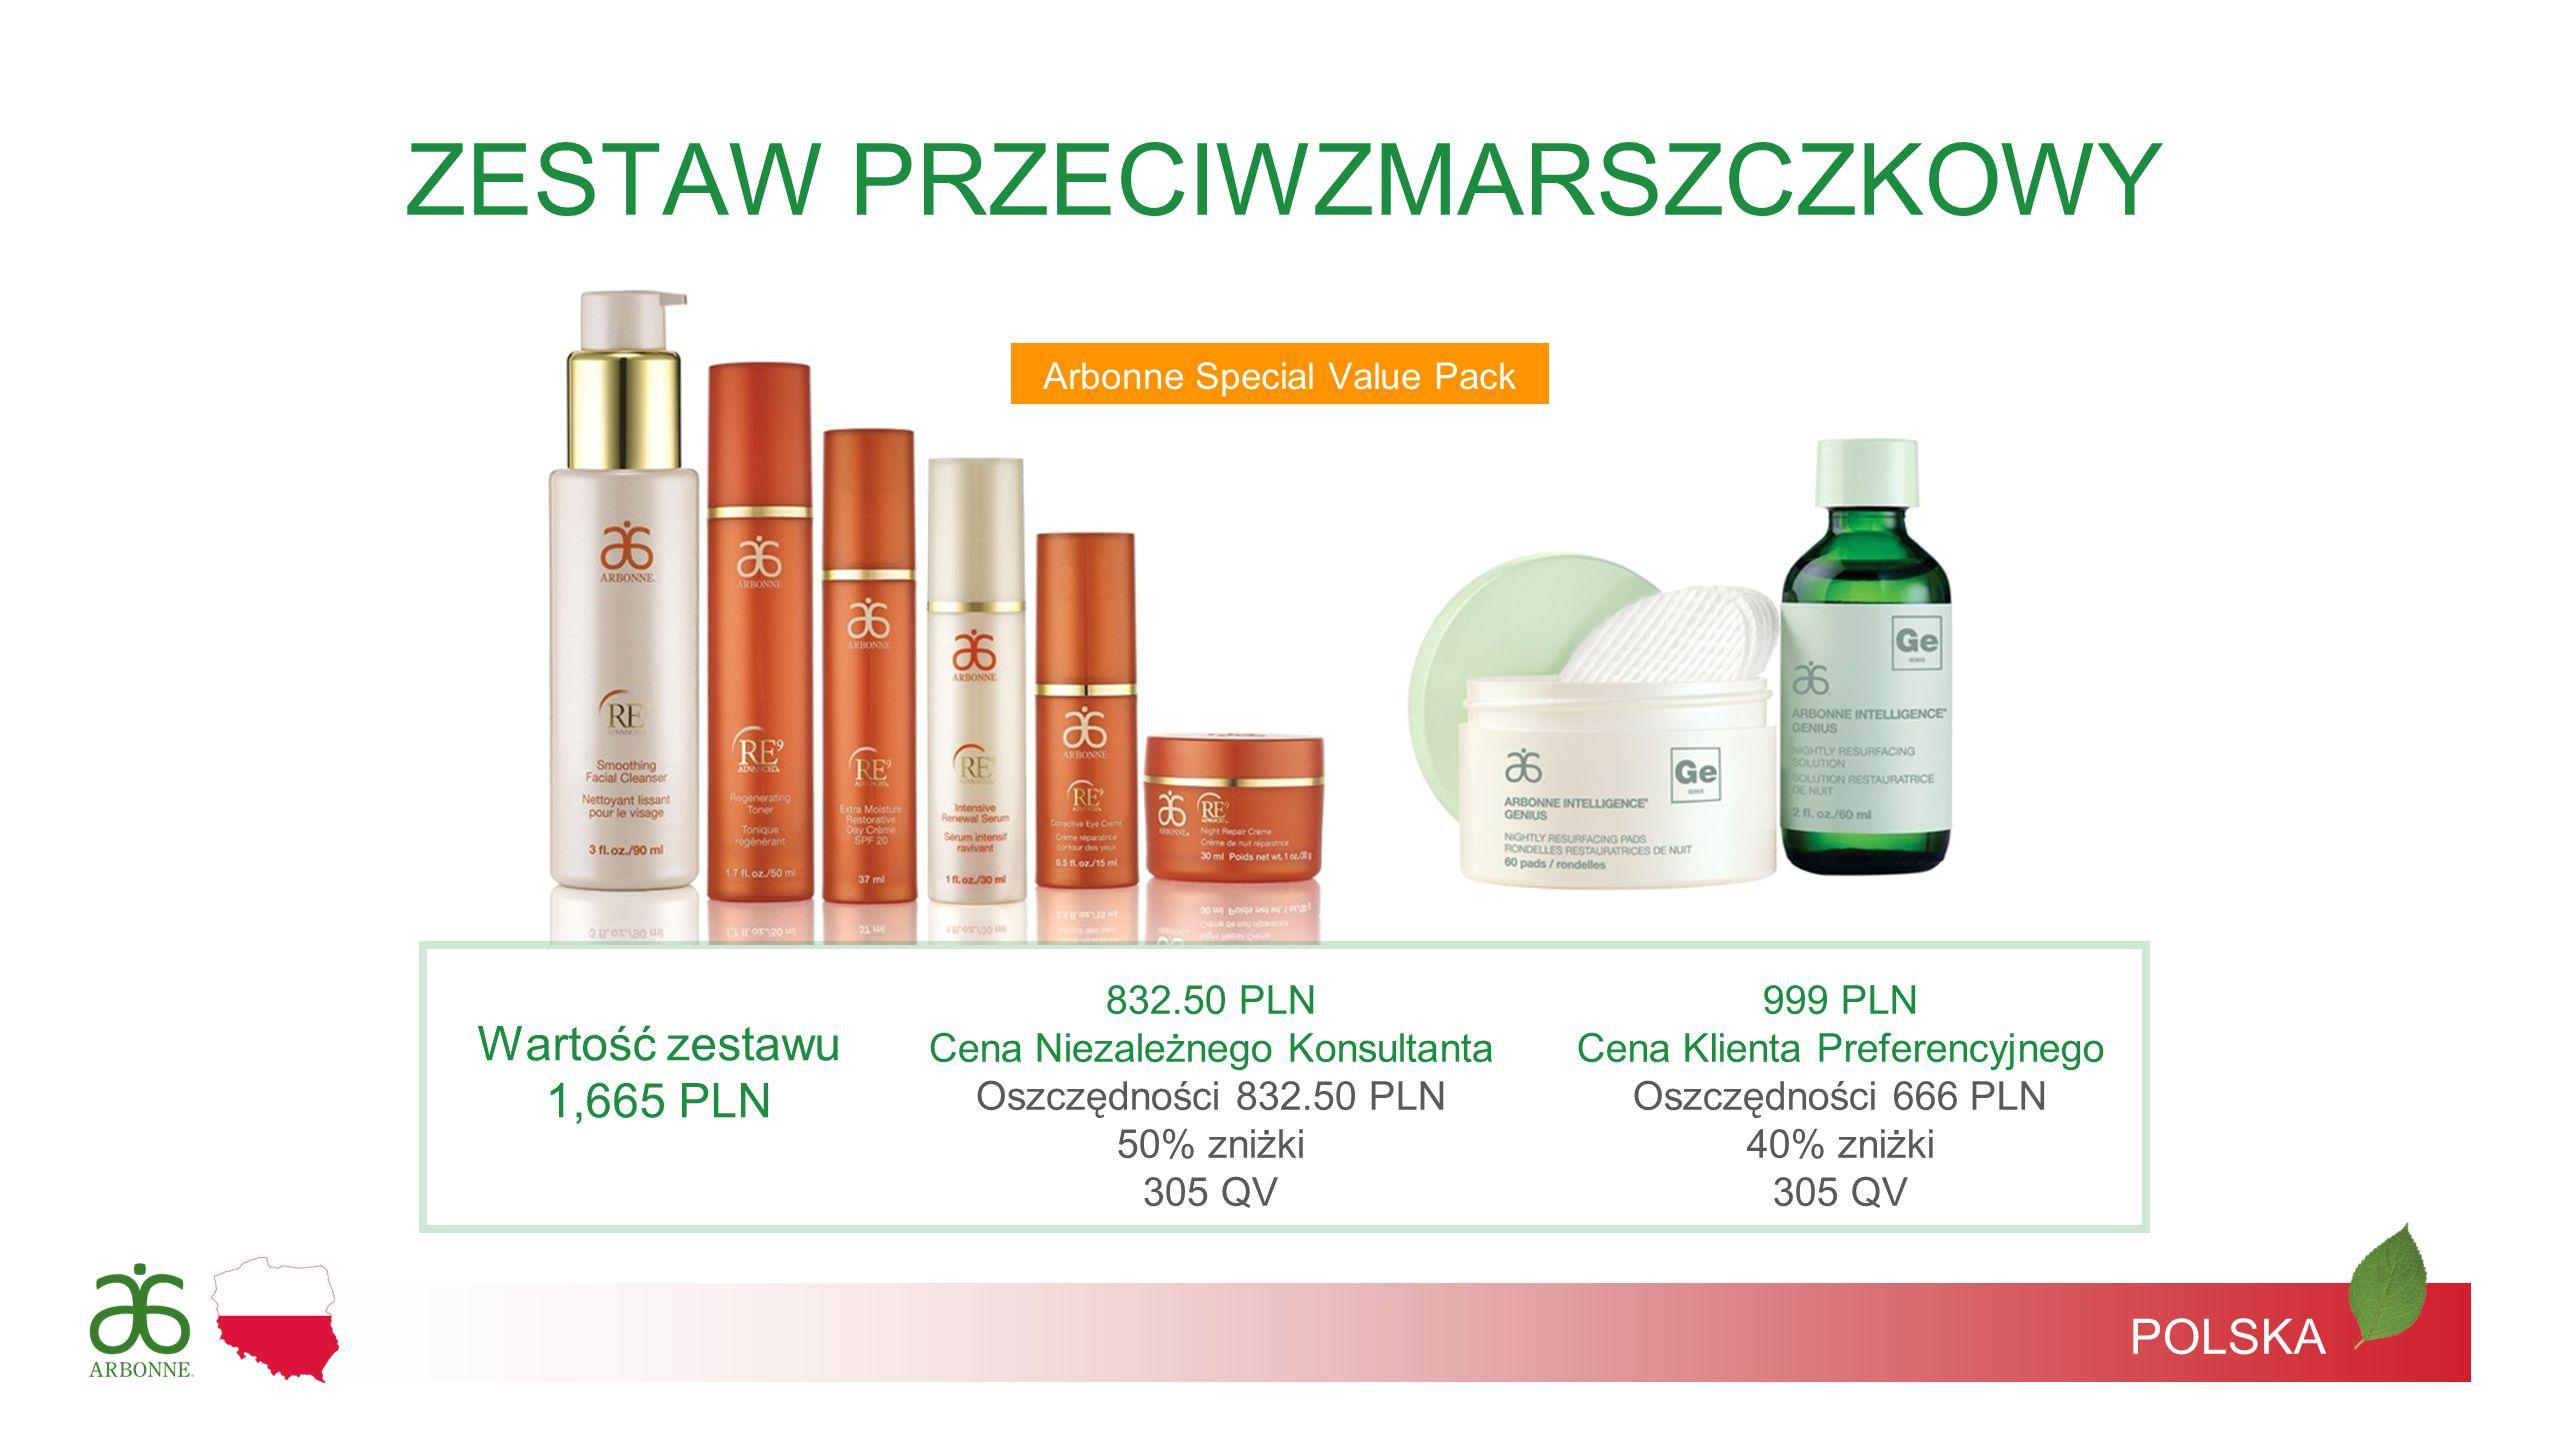 Arbonne Special Value Pack POLSKA ZESTAW PRZECIWZMARSZCZKOWY Wartość zestawu 1,665 PLN 832.50 PLN Cena Niezależnego Konsultanta Oszczędności 832.50 PL